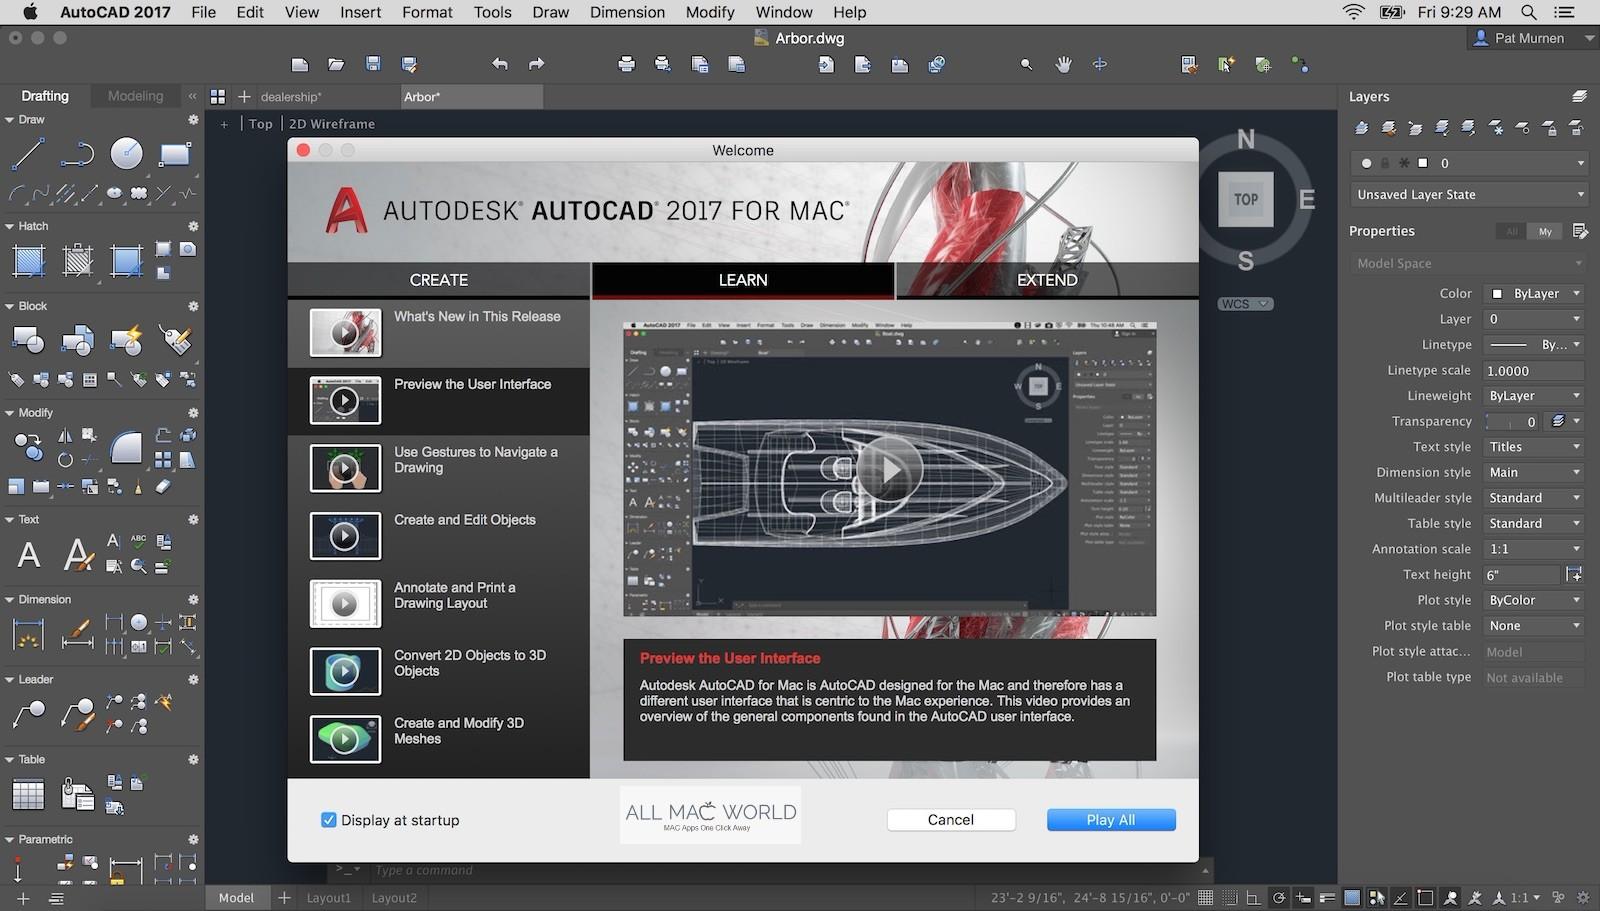 Autodesk-AutoCAD-2017